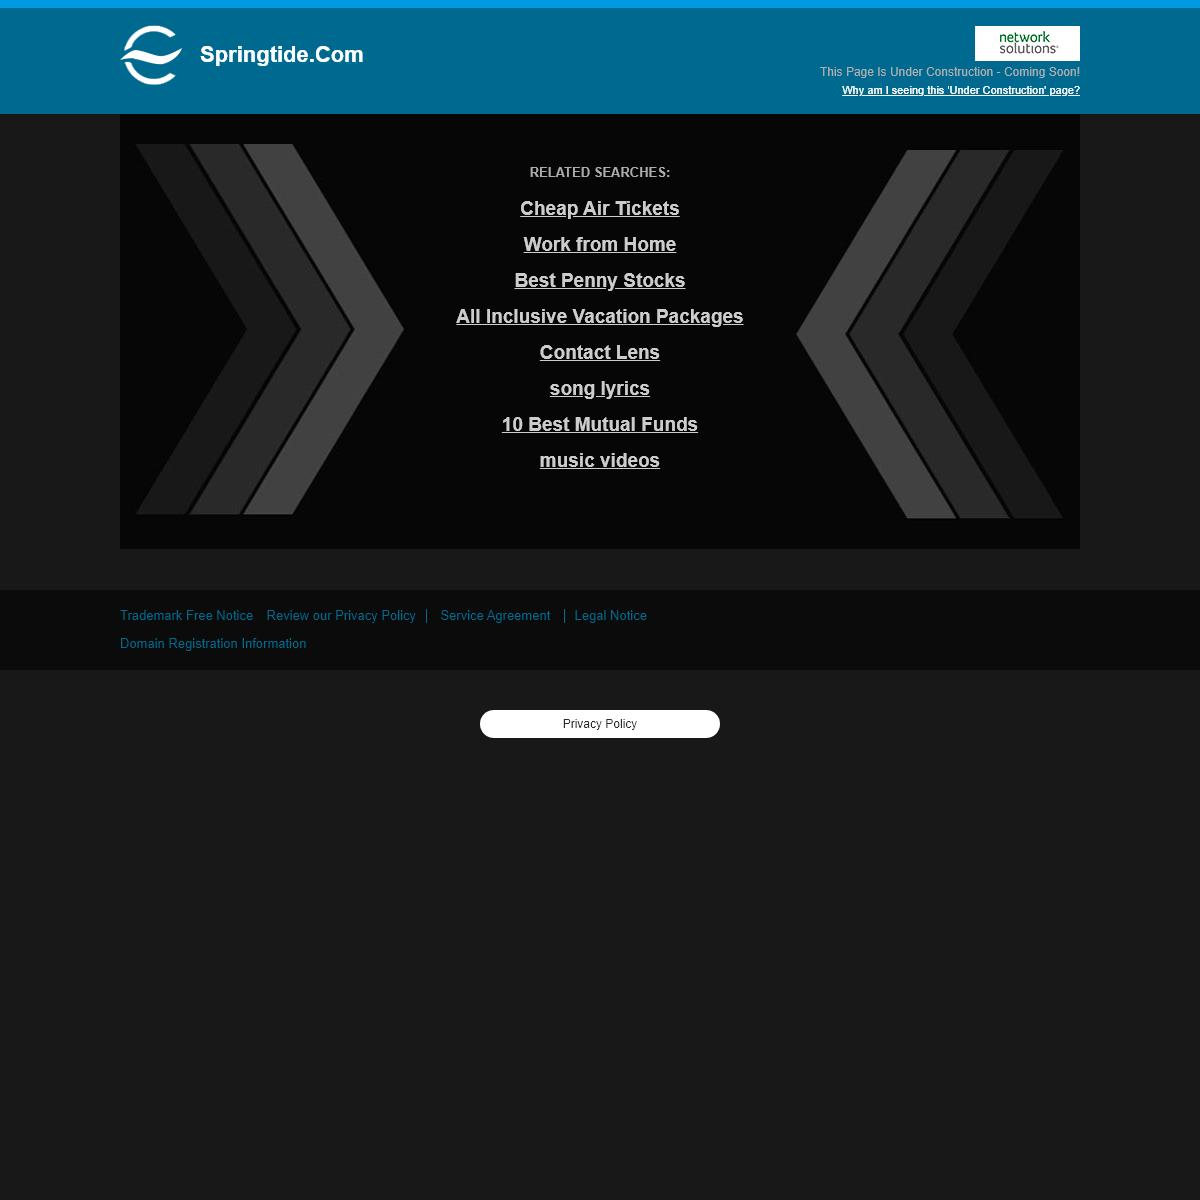 Springtide.com